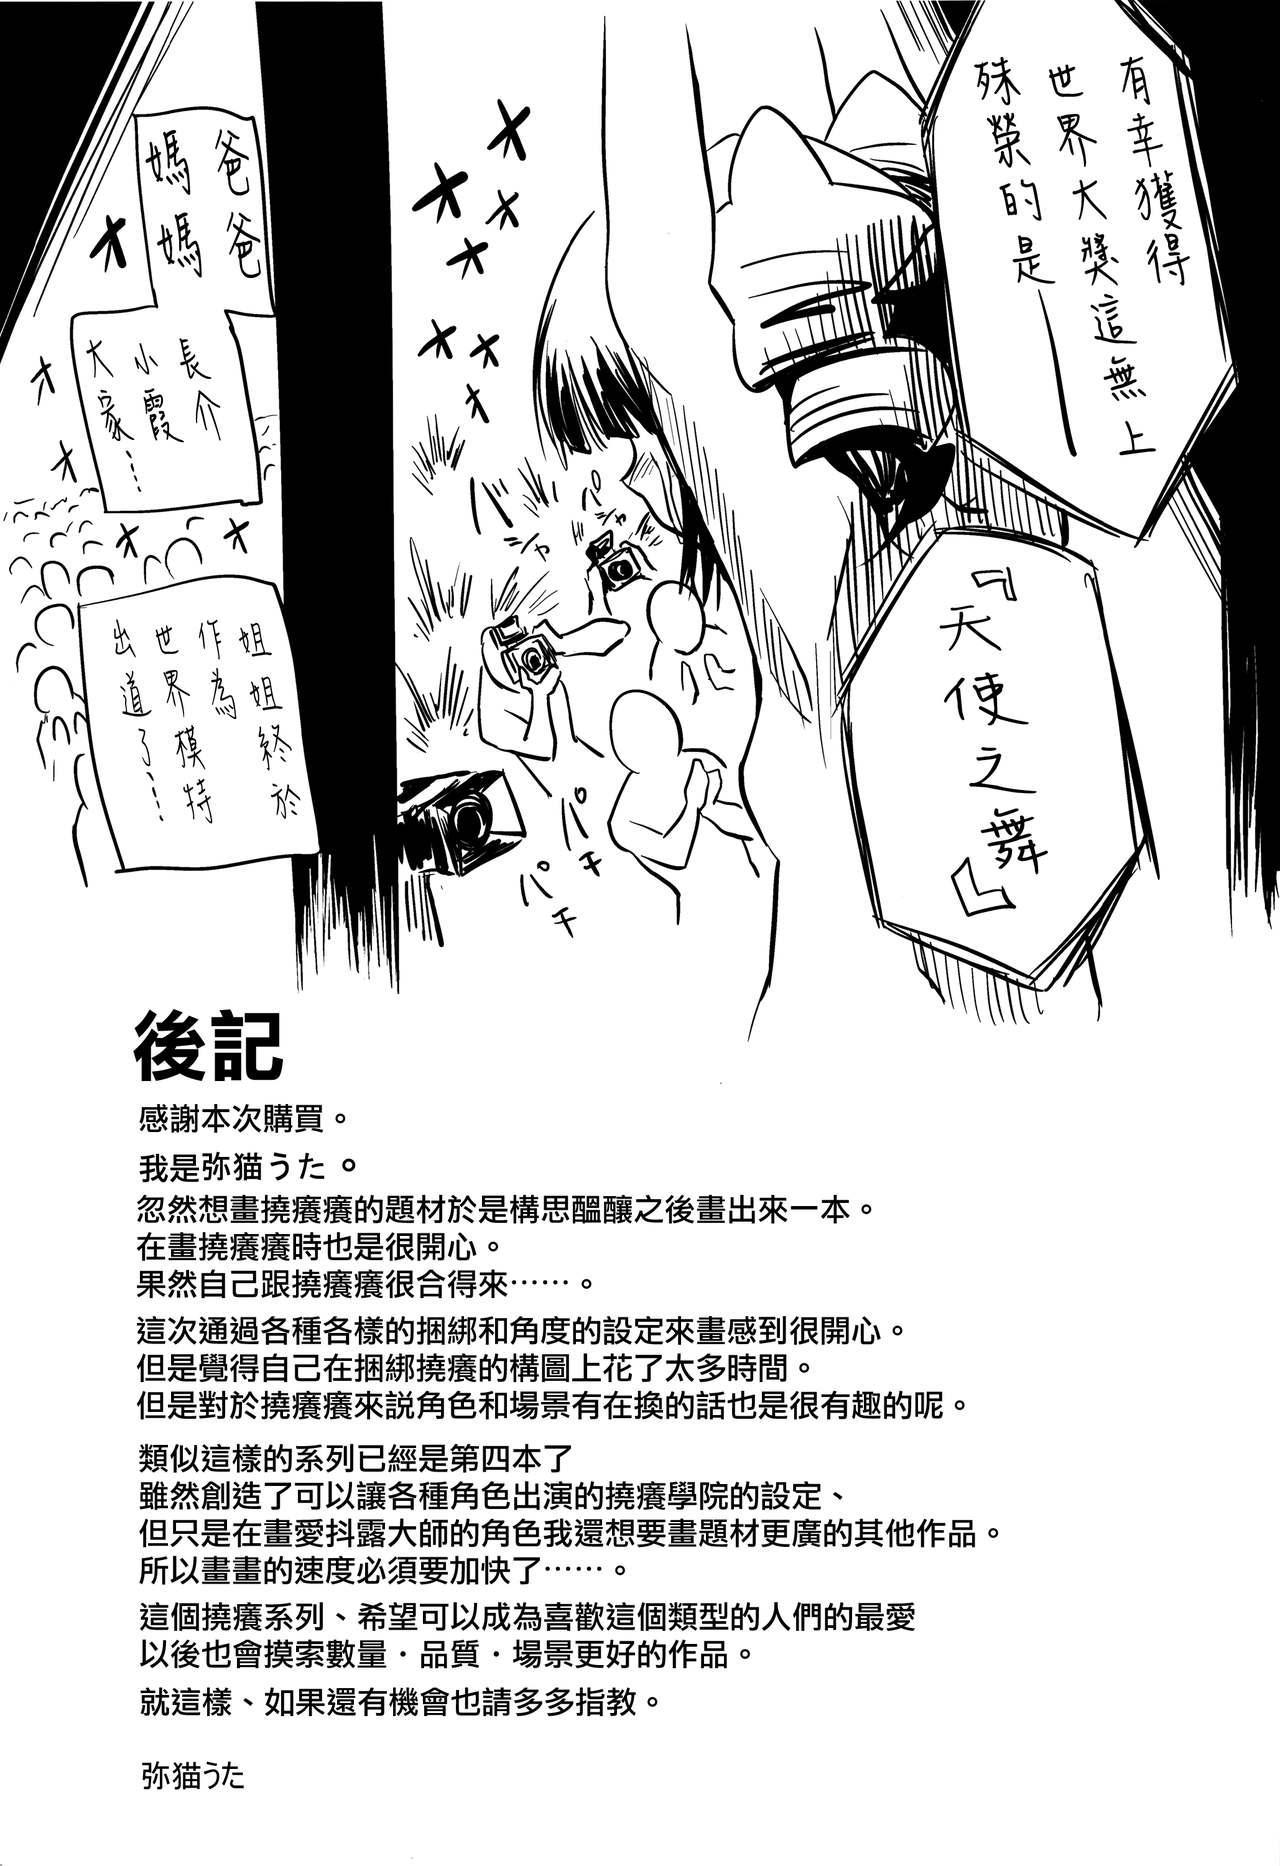 Shiritsu Kusuguri Gakuen Takatsuki Yayoi no Kusuguri Bunkasai 24